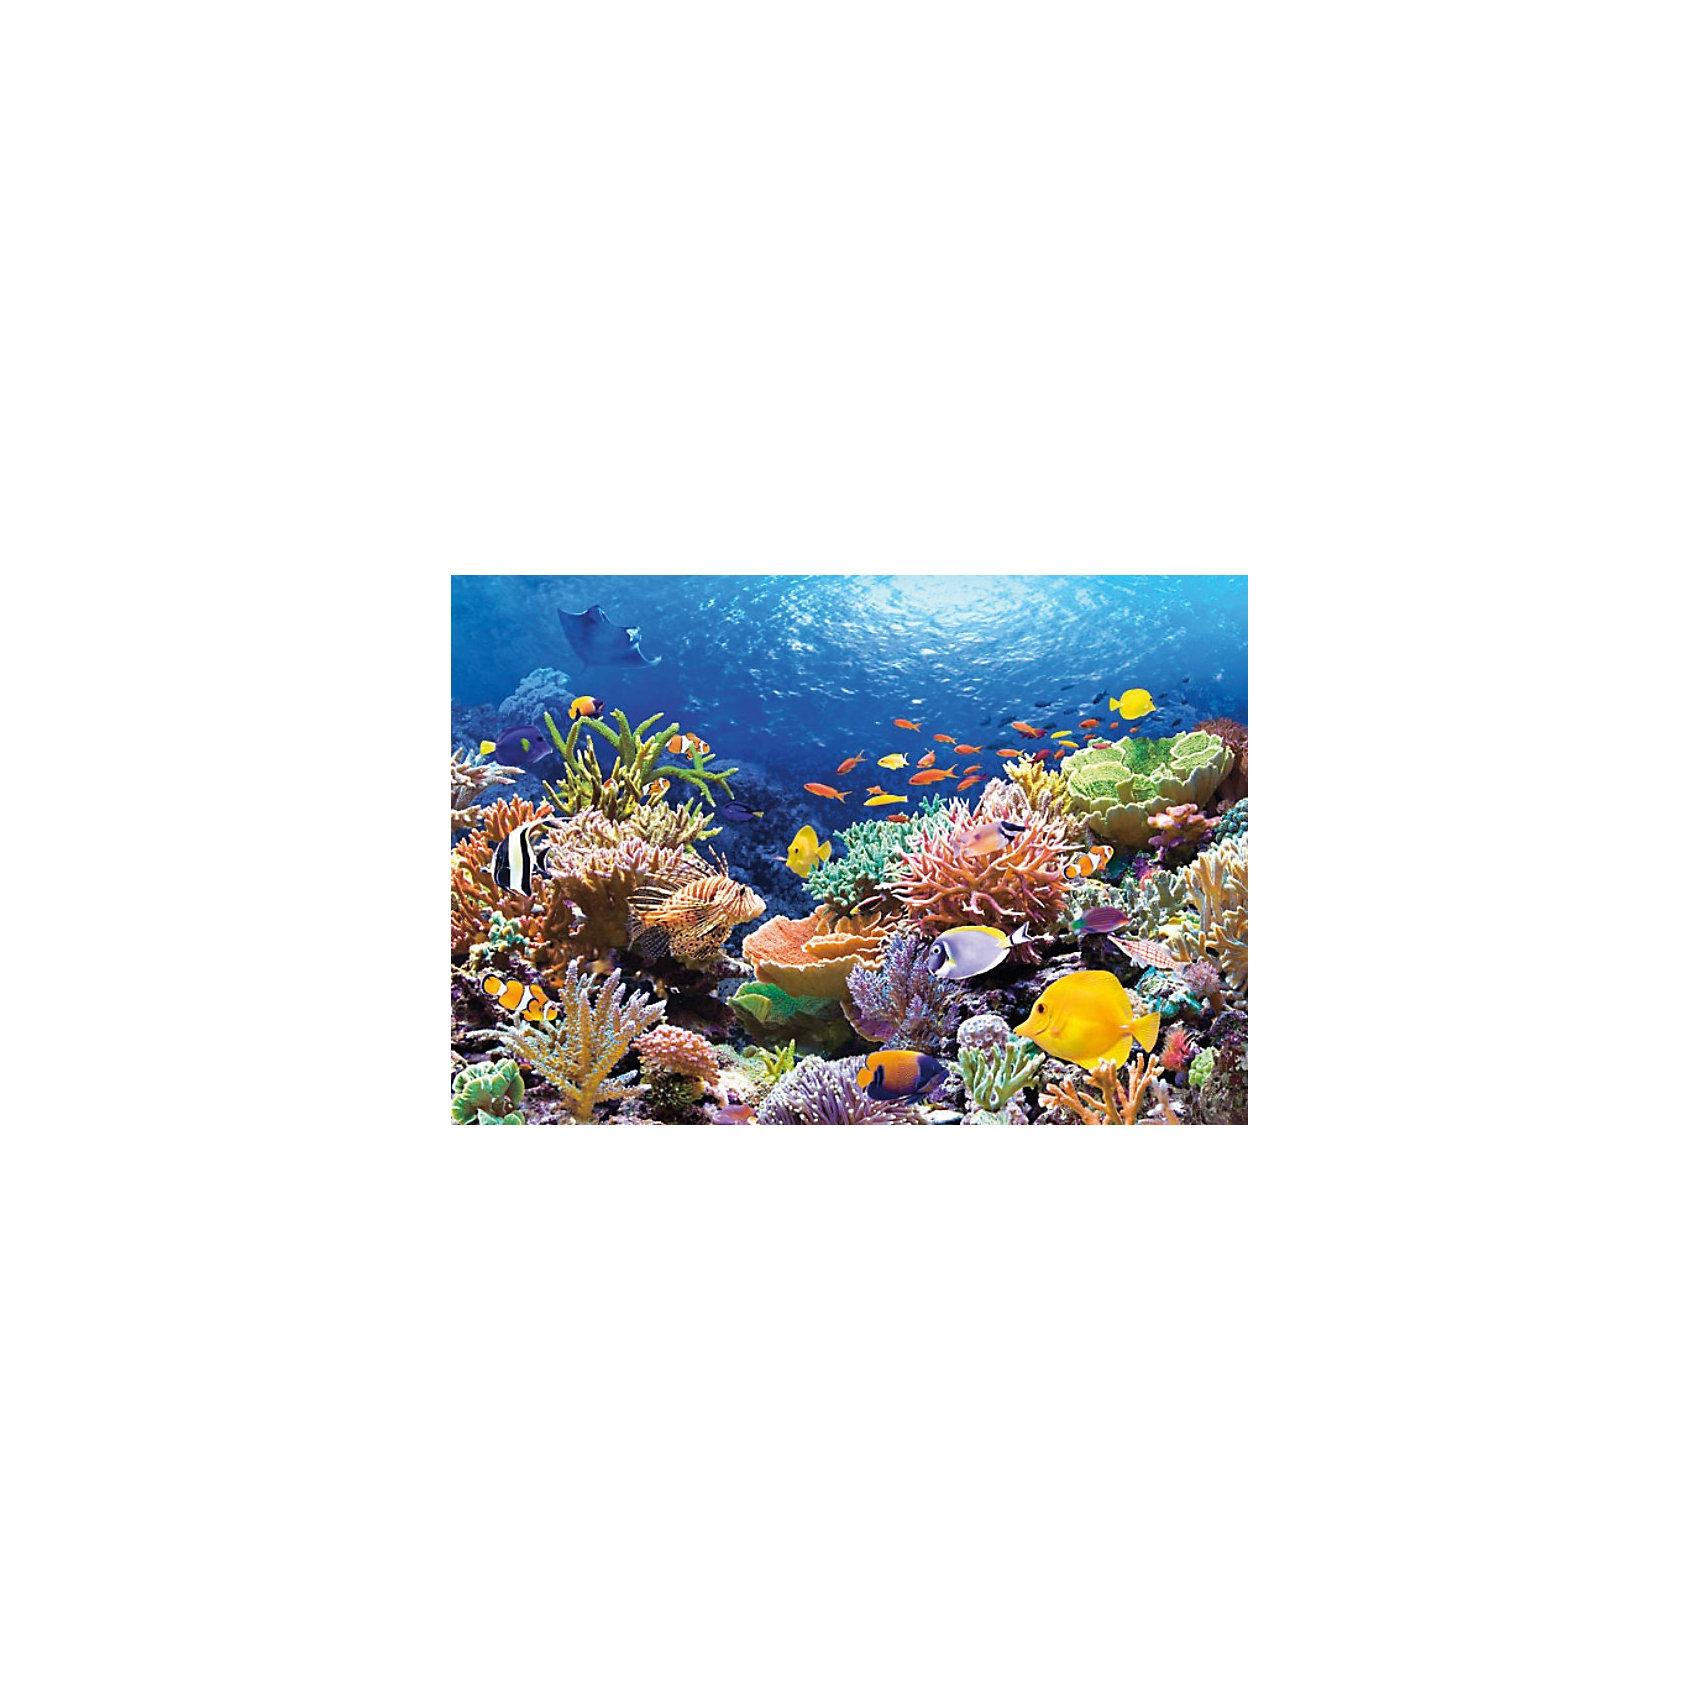 Castorland Пазл Коралловый риф, 1000 деталей, Castorland castorland пазл летний полет winx club 60 деталей castorland